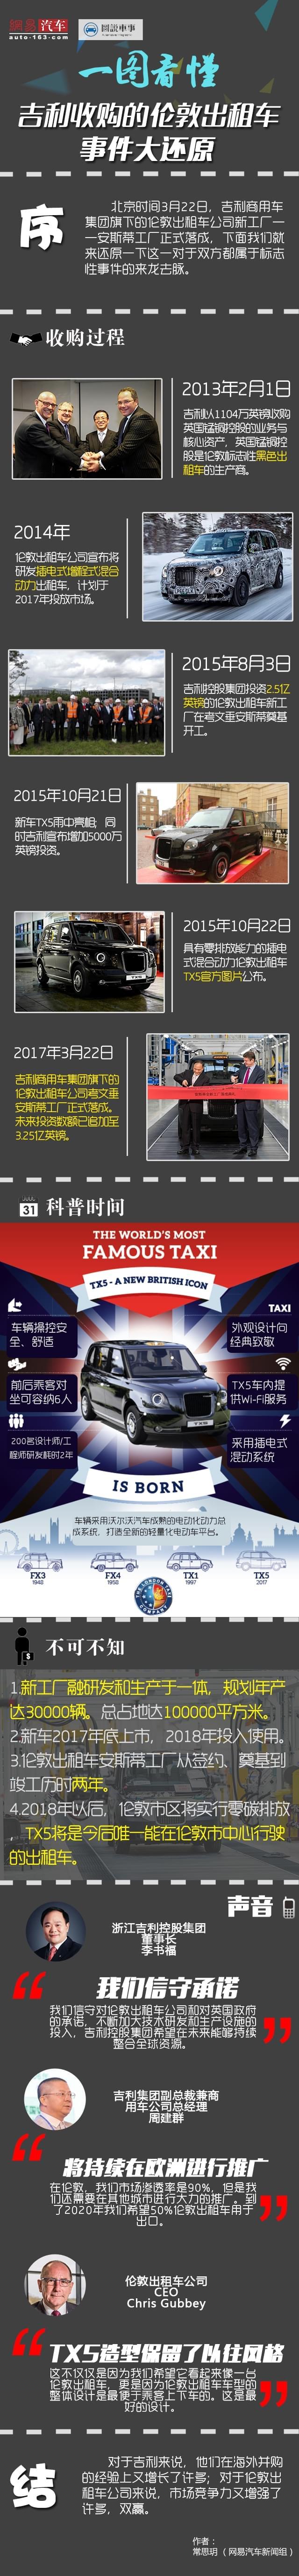 吉利旗下伦敦出租车公司什么来头?